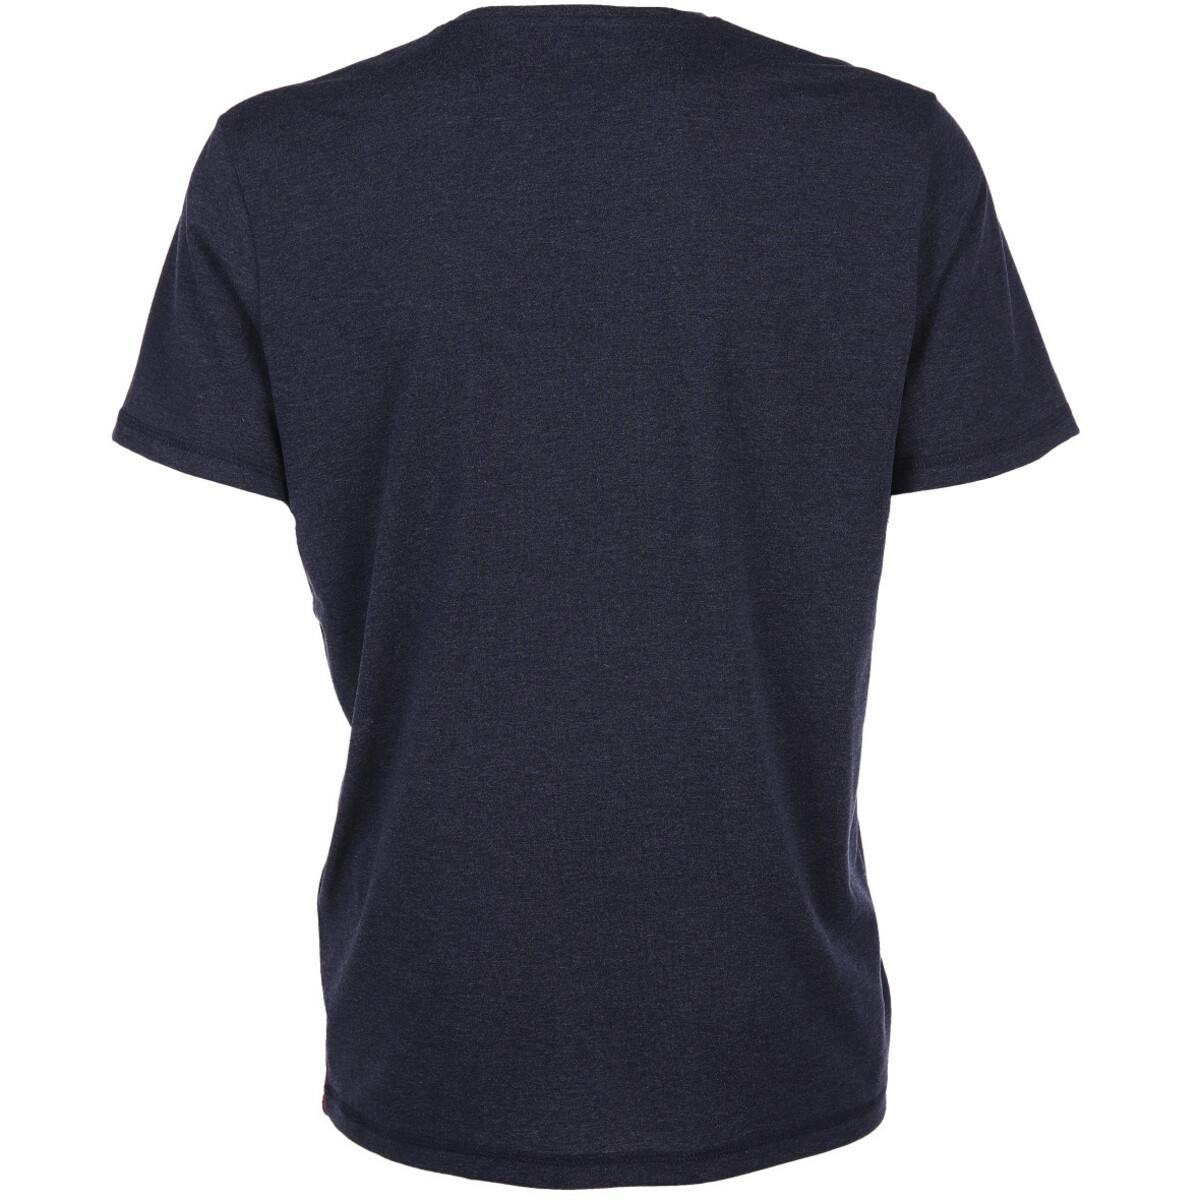 Bild 2 von Herren Shirt mit Frontprint